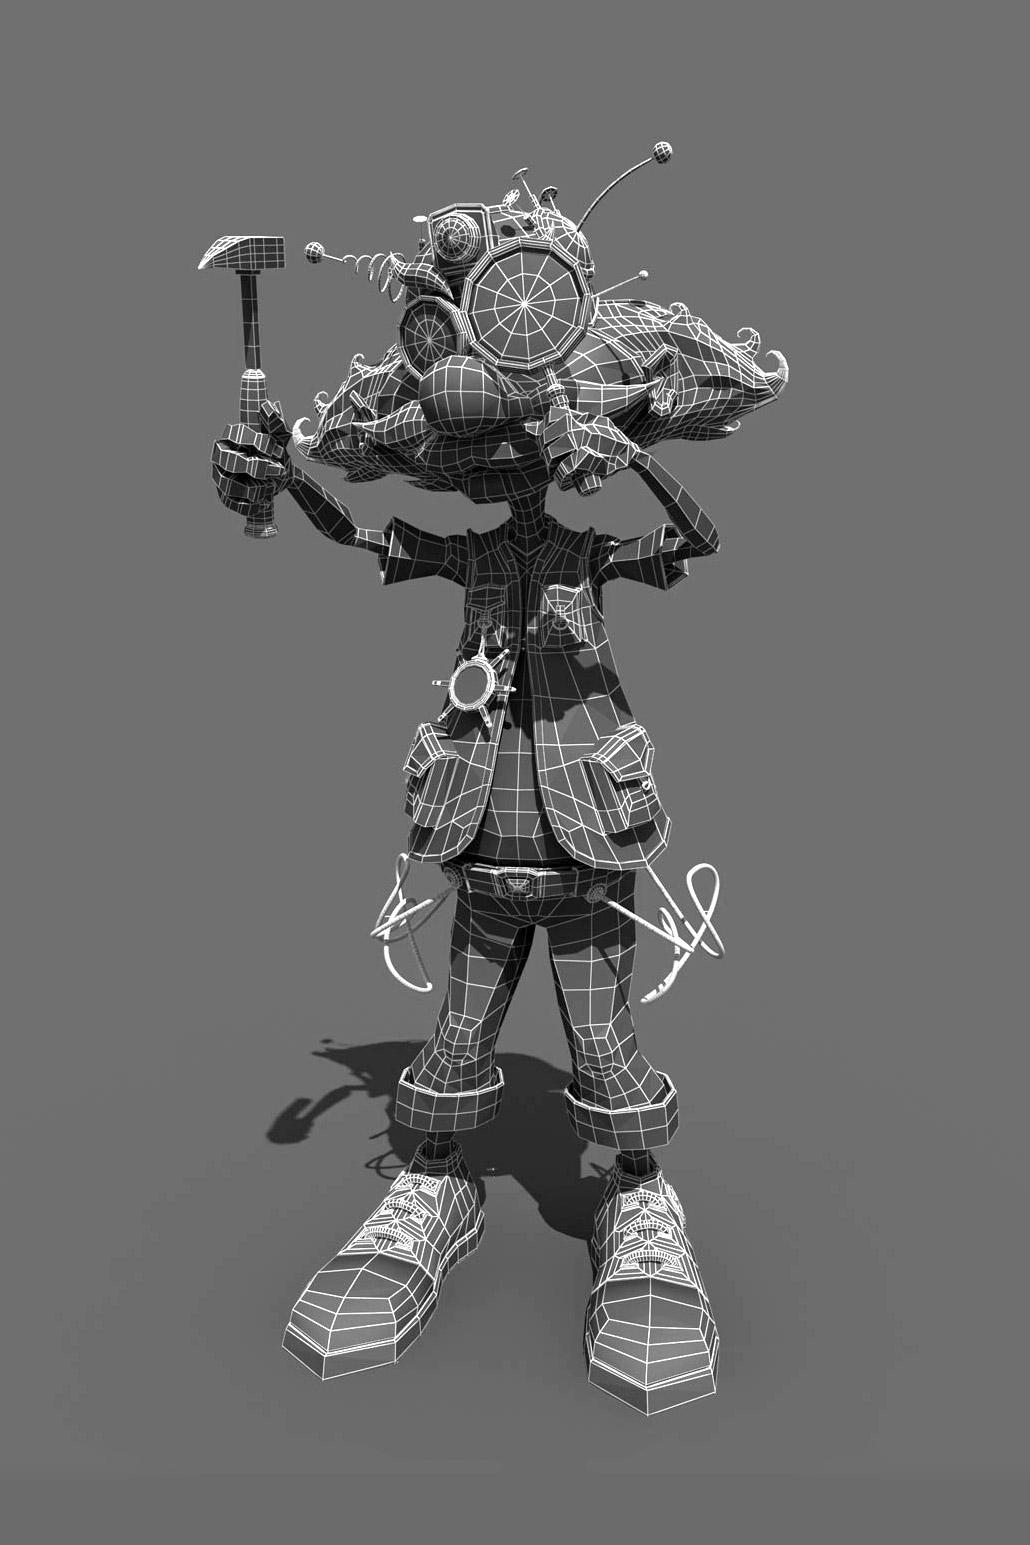 Scientist character, 3D company mascot